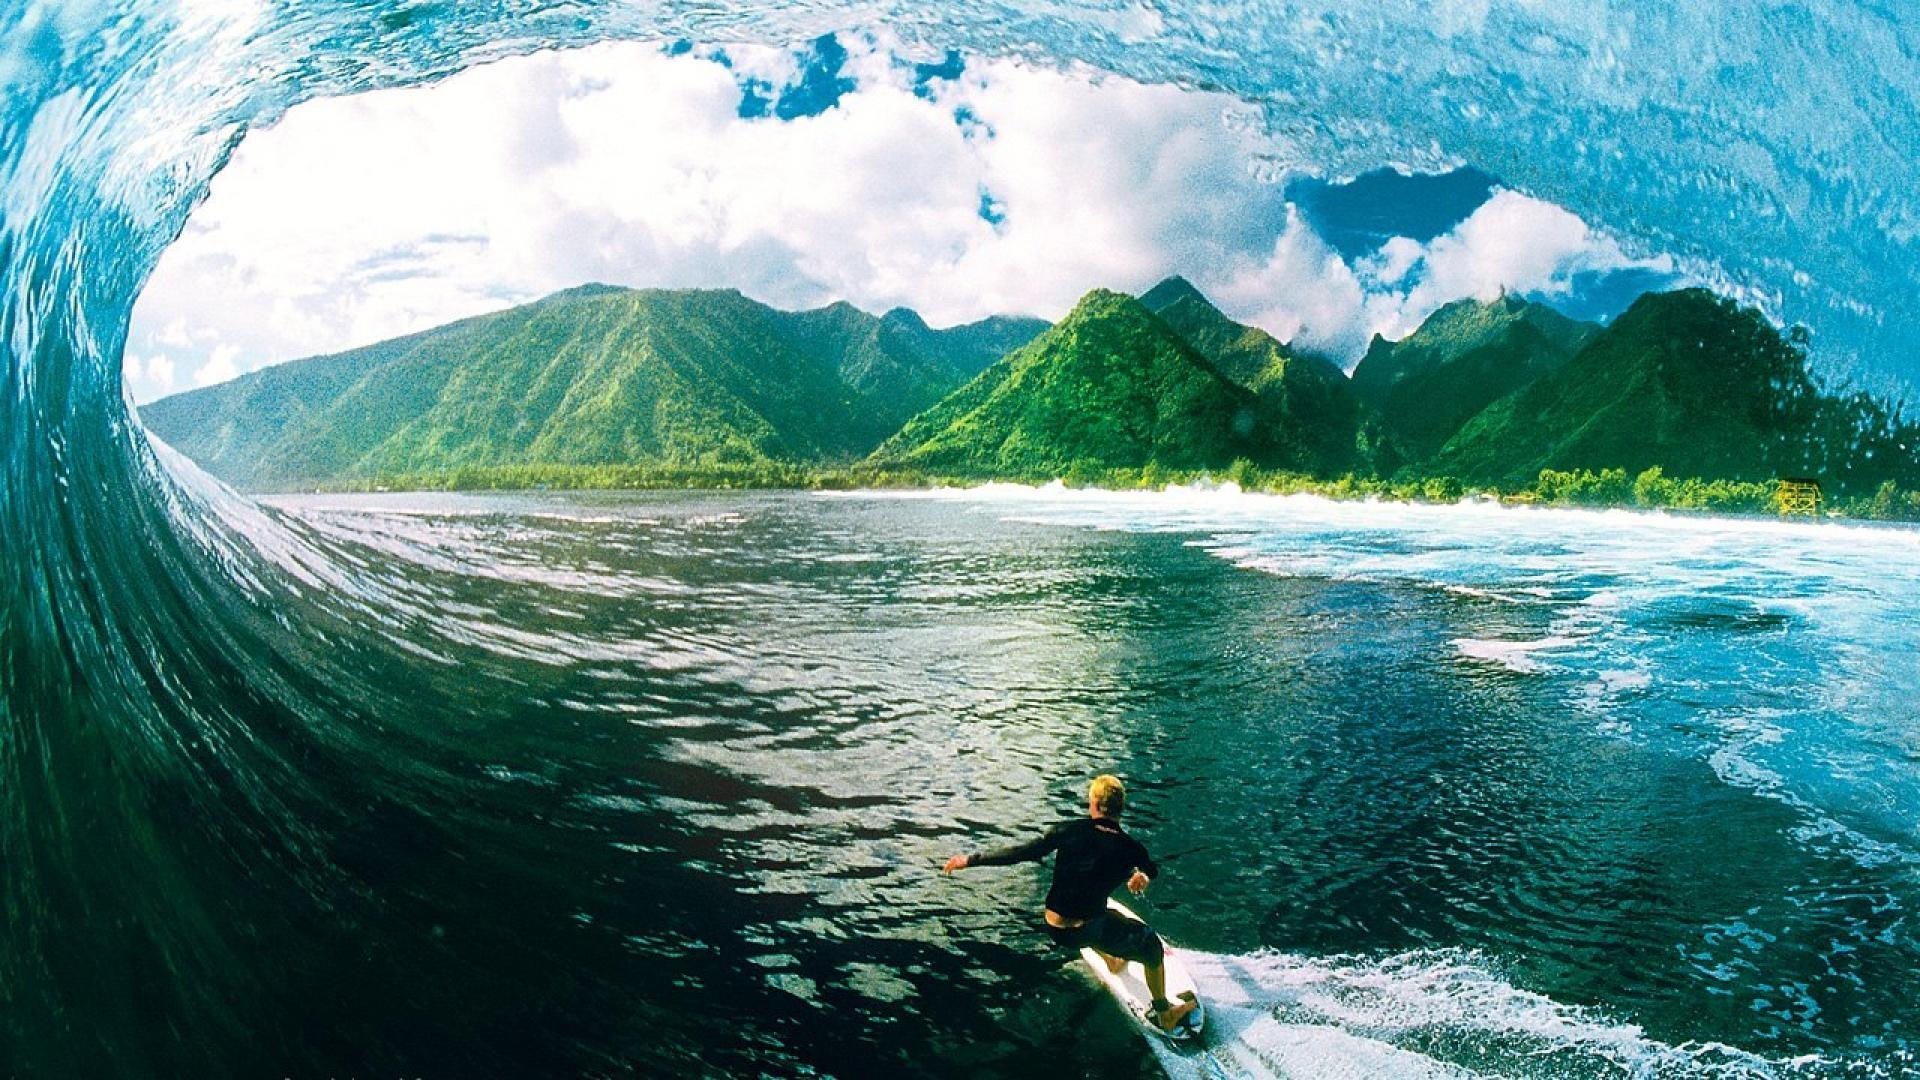 Sport surfing wallpaper     121959   WallpaperUP